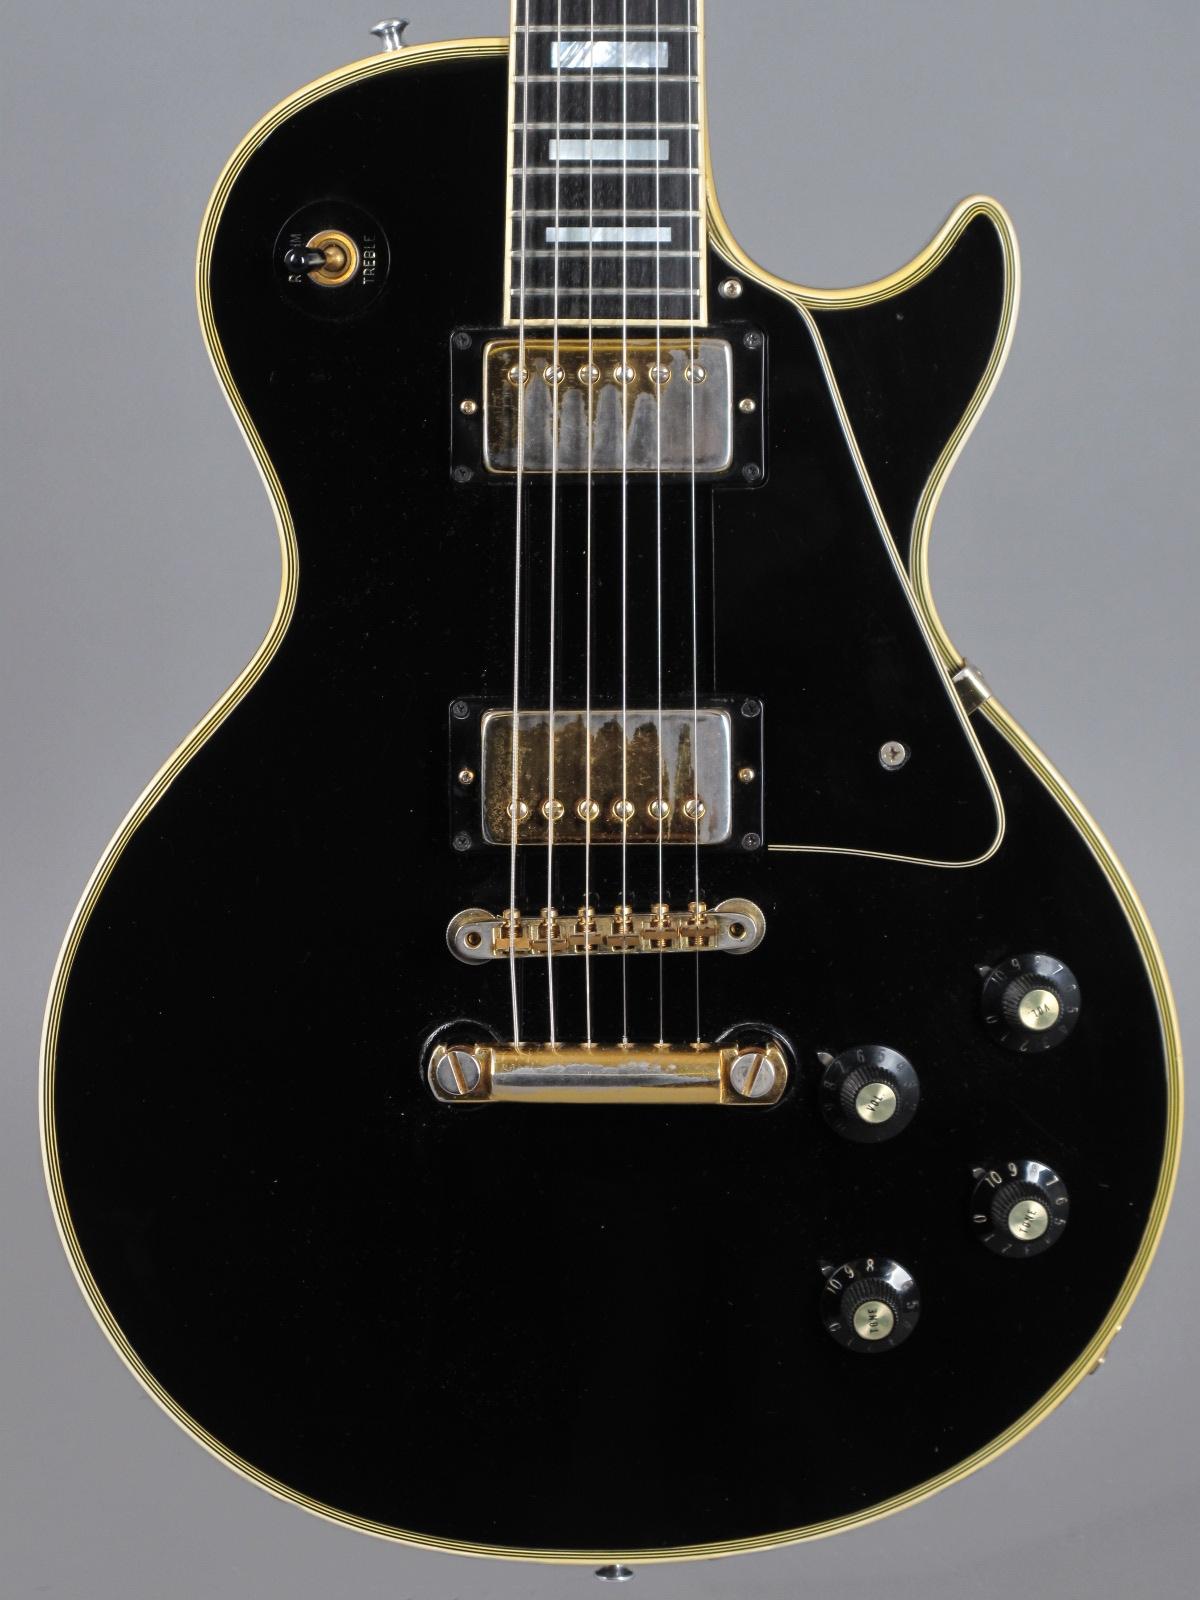 1973 Gibson Les Paul Custom - Ebony